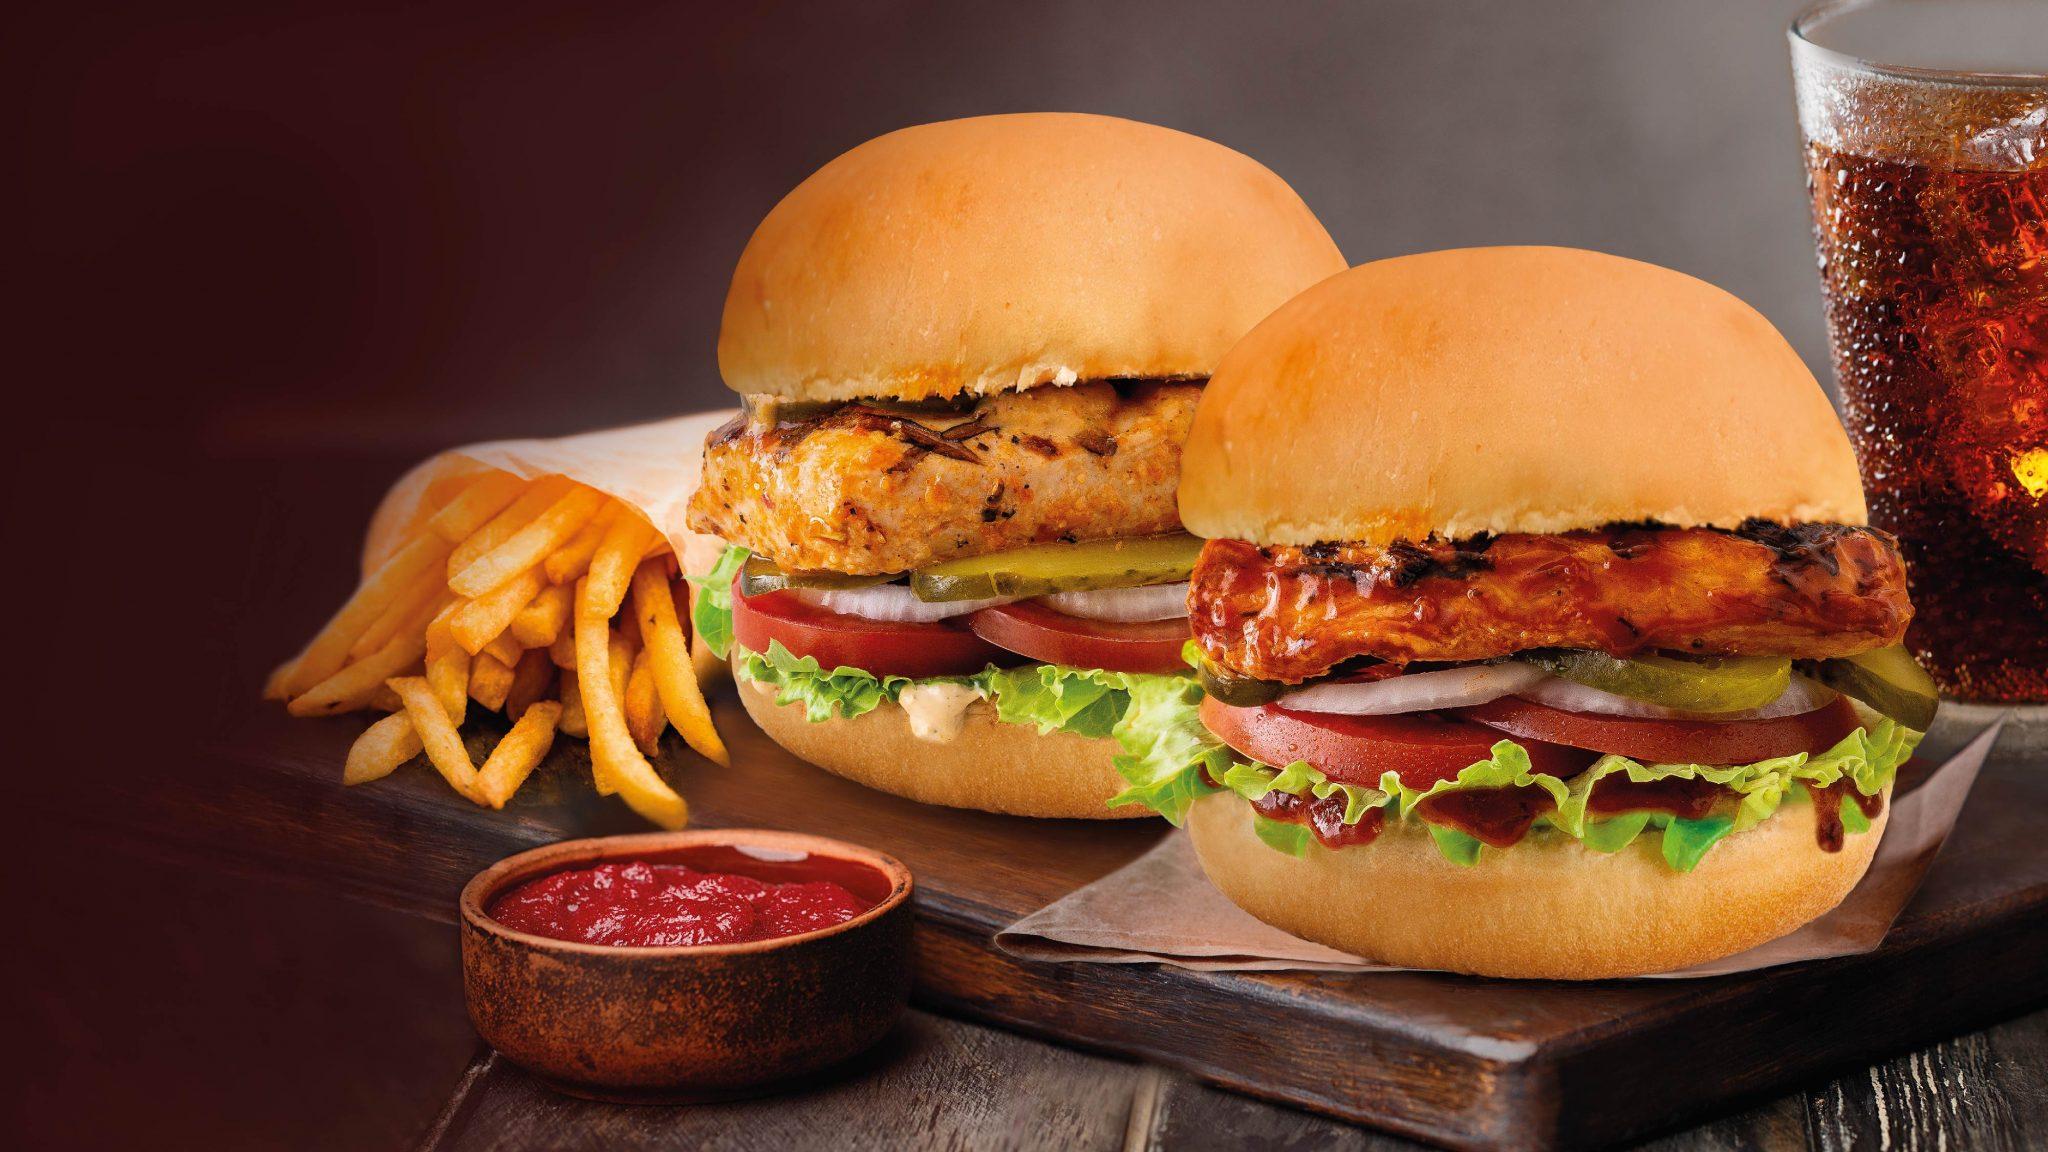 ماكسيز – أفضل أطباق الدجاج